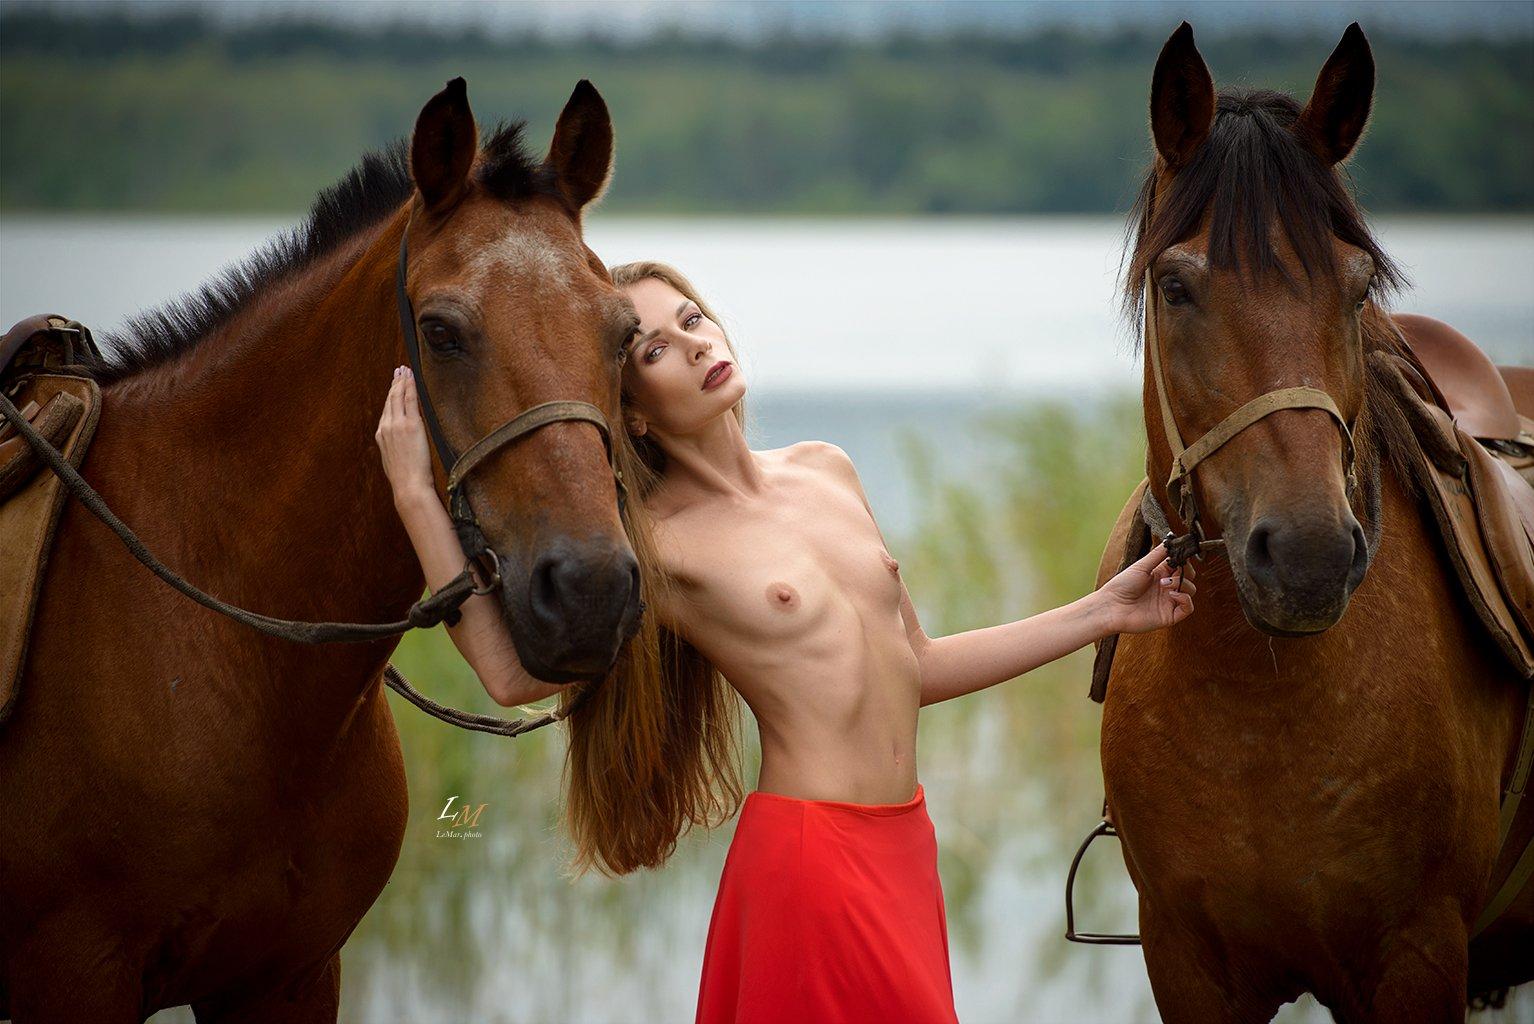 ню, пленэр, озеро, селигер, фотосессия, ню фотограф, фотограф, фотосессии в москве, lemarphoto, девушка, лошадь, Маркачев Леонид